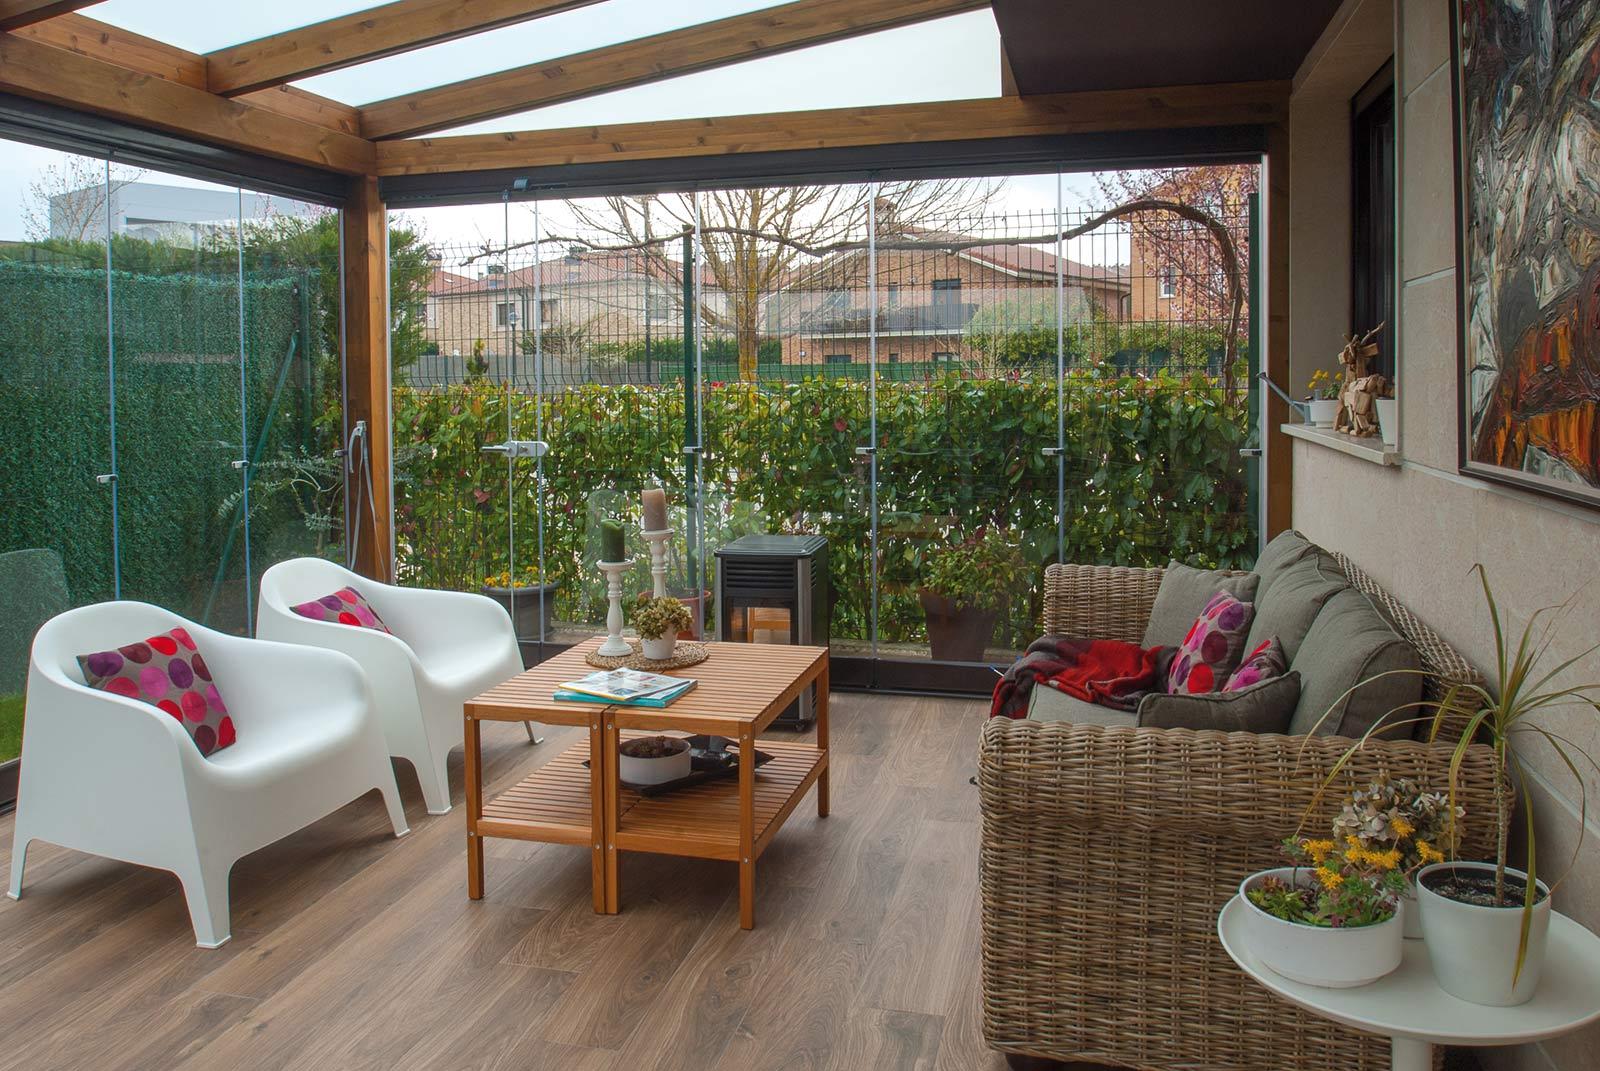 porche-jardin-madera-cristal-lumon-cerrado-abierto-15